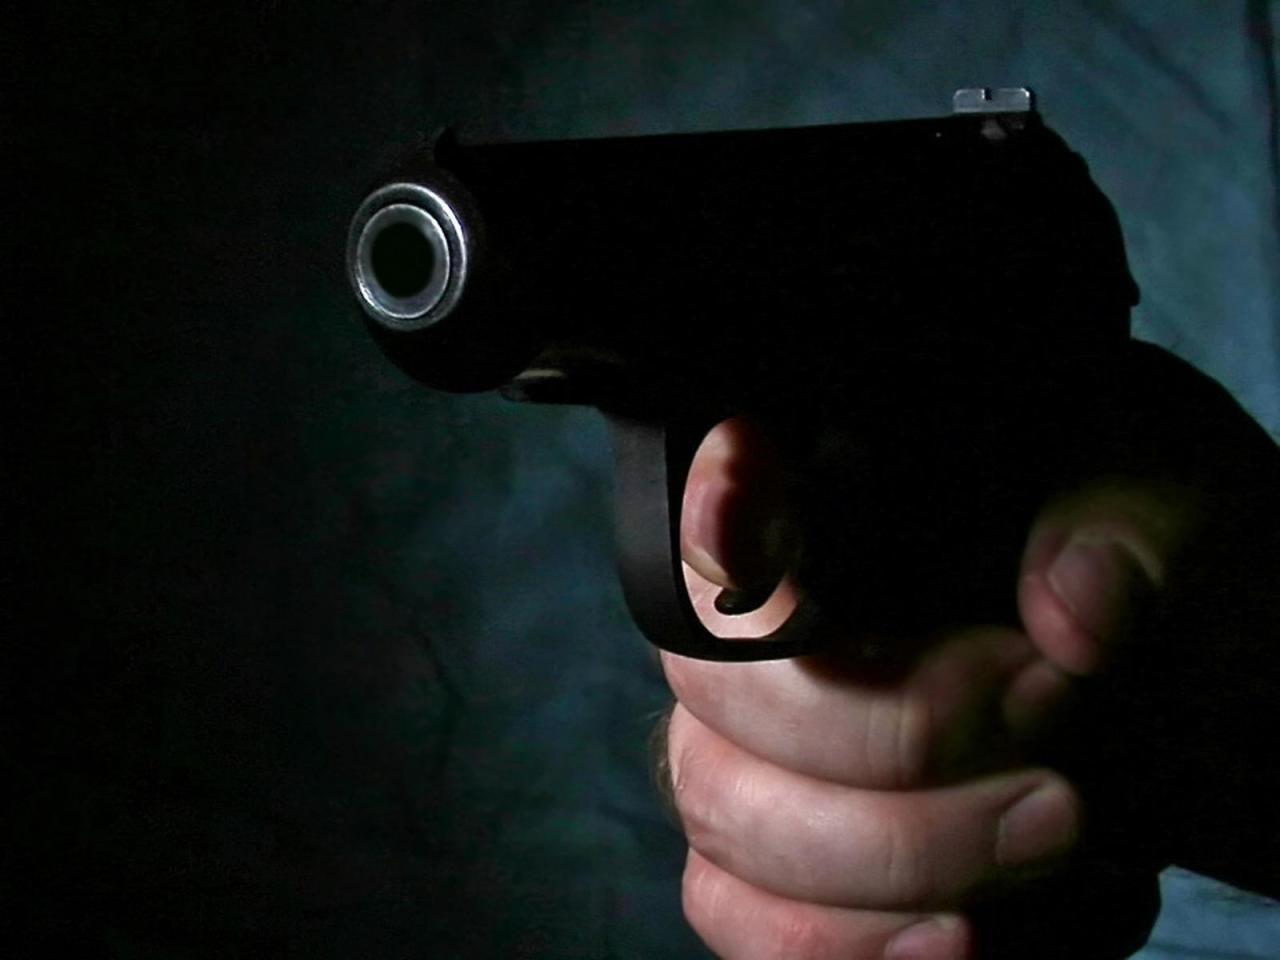 ВСША около казино произошла стрельба, есть погибшие